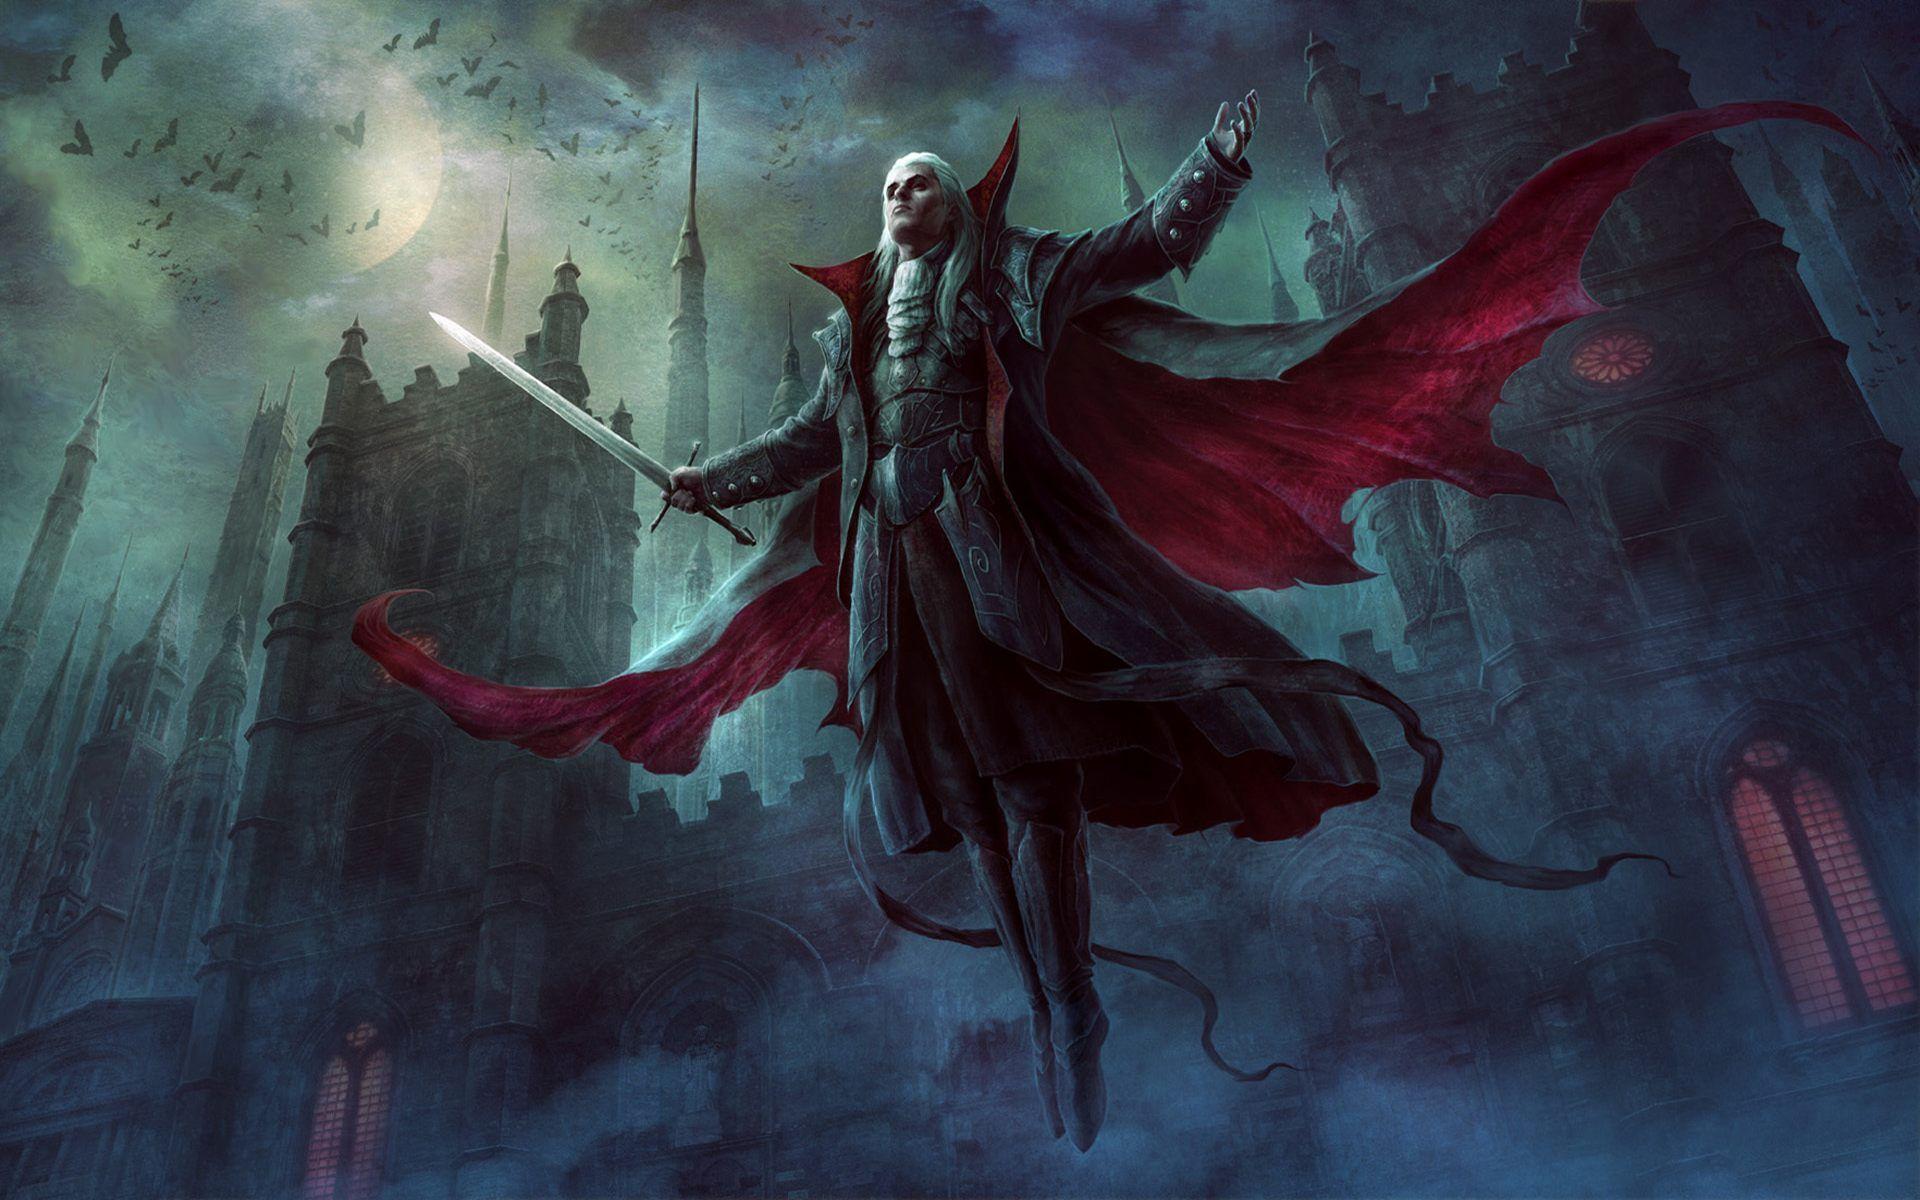 Vampire Wallpaper Desktop Hd Vampire Wallpap...